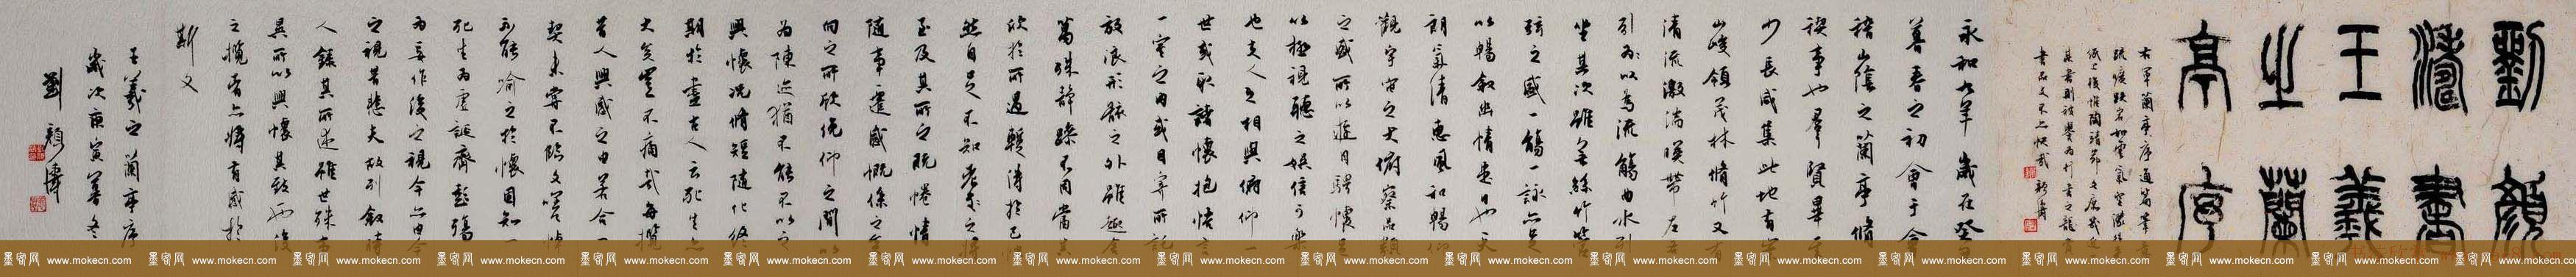 刘颜涛书王羲之兰亭序书法手卷